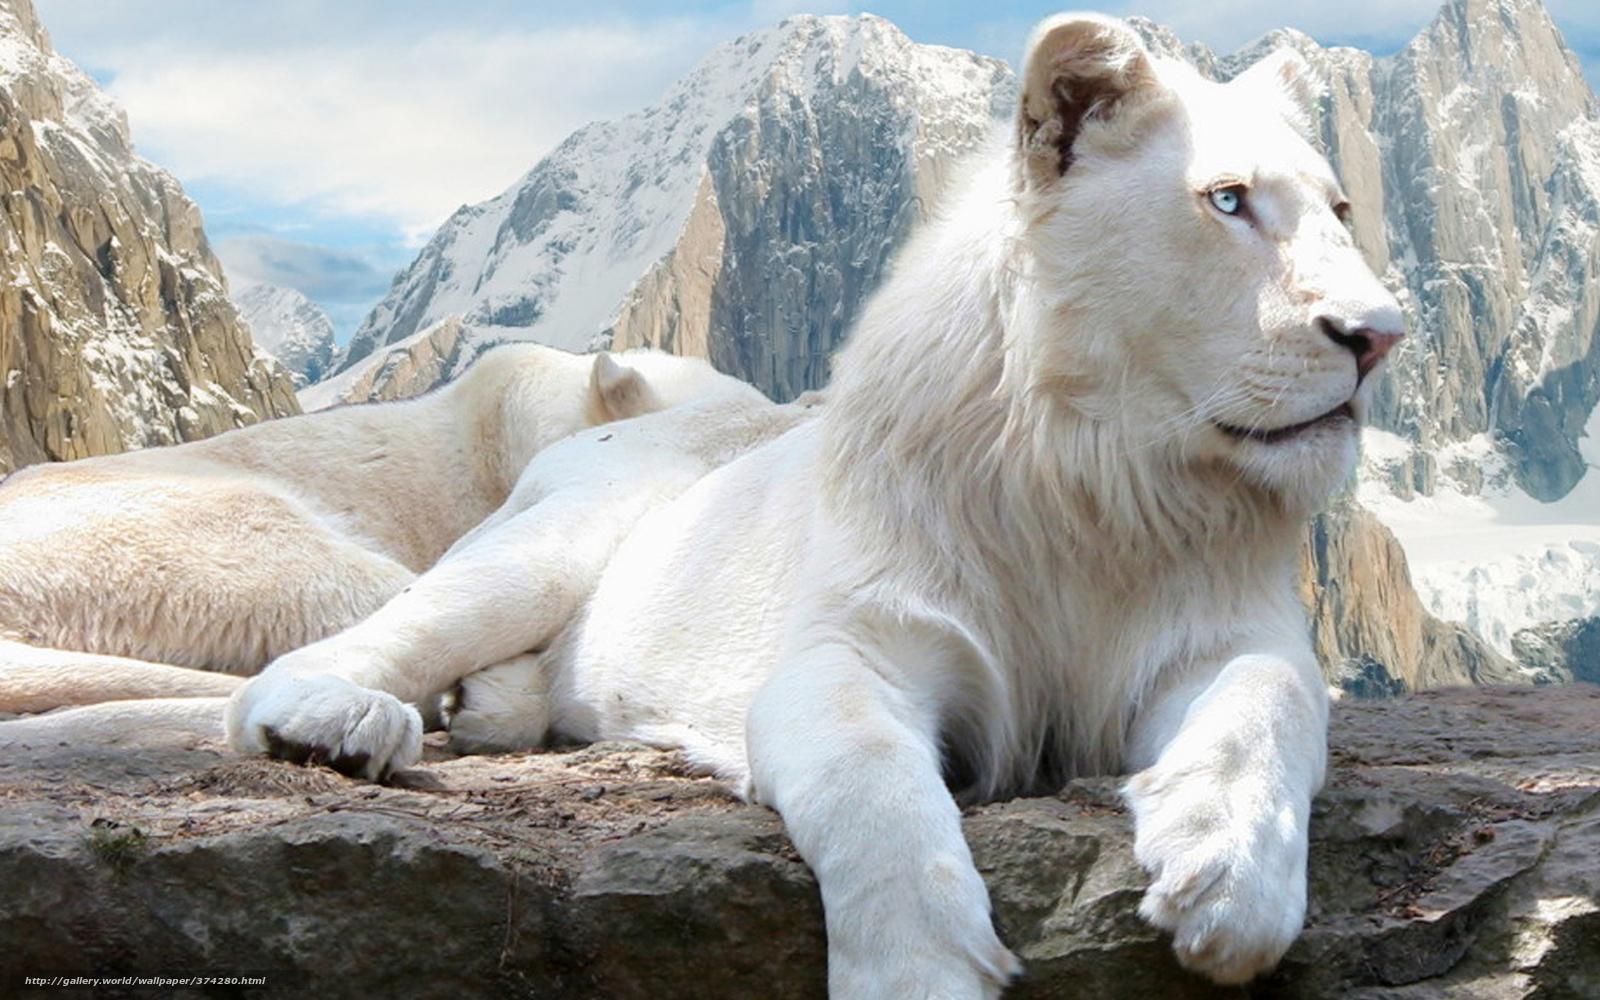 Tlcharger fond d 39 ecran lion le lion blanc blanc fonds d for Sfondi leone